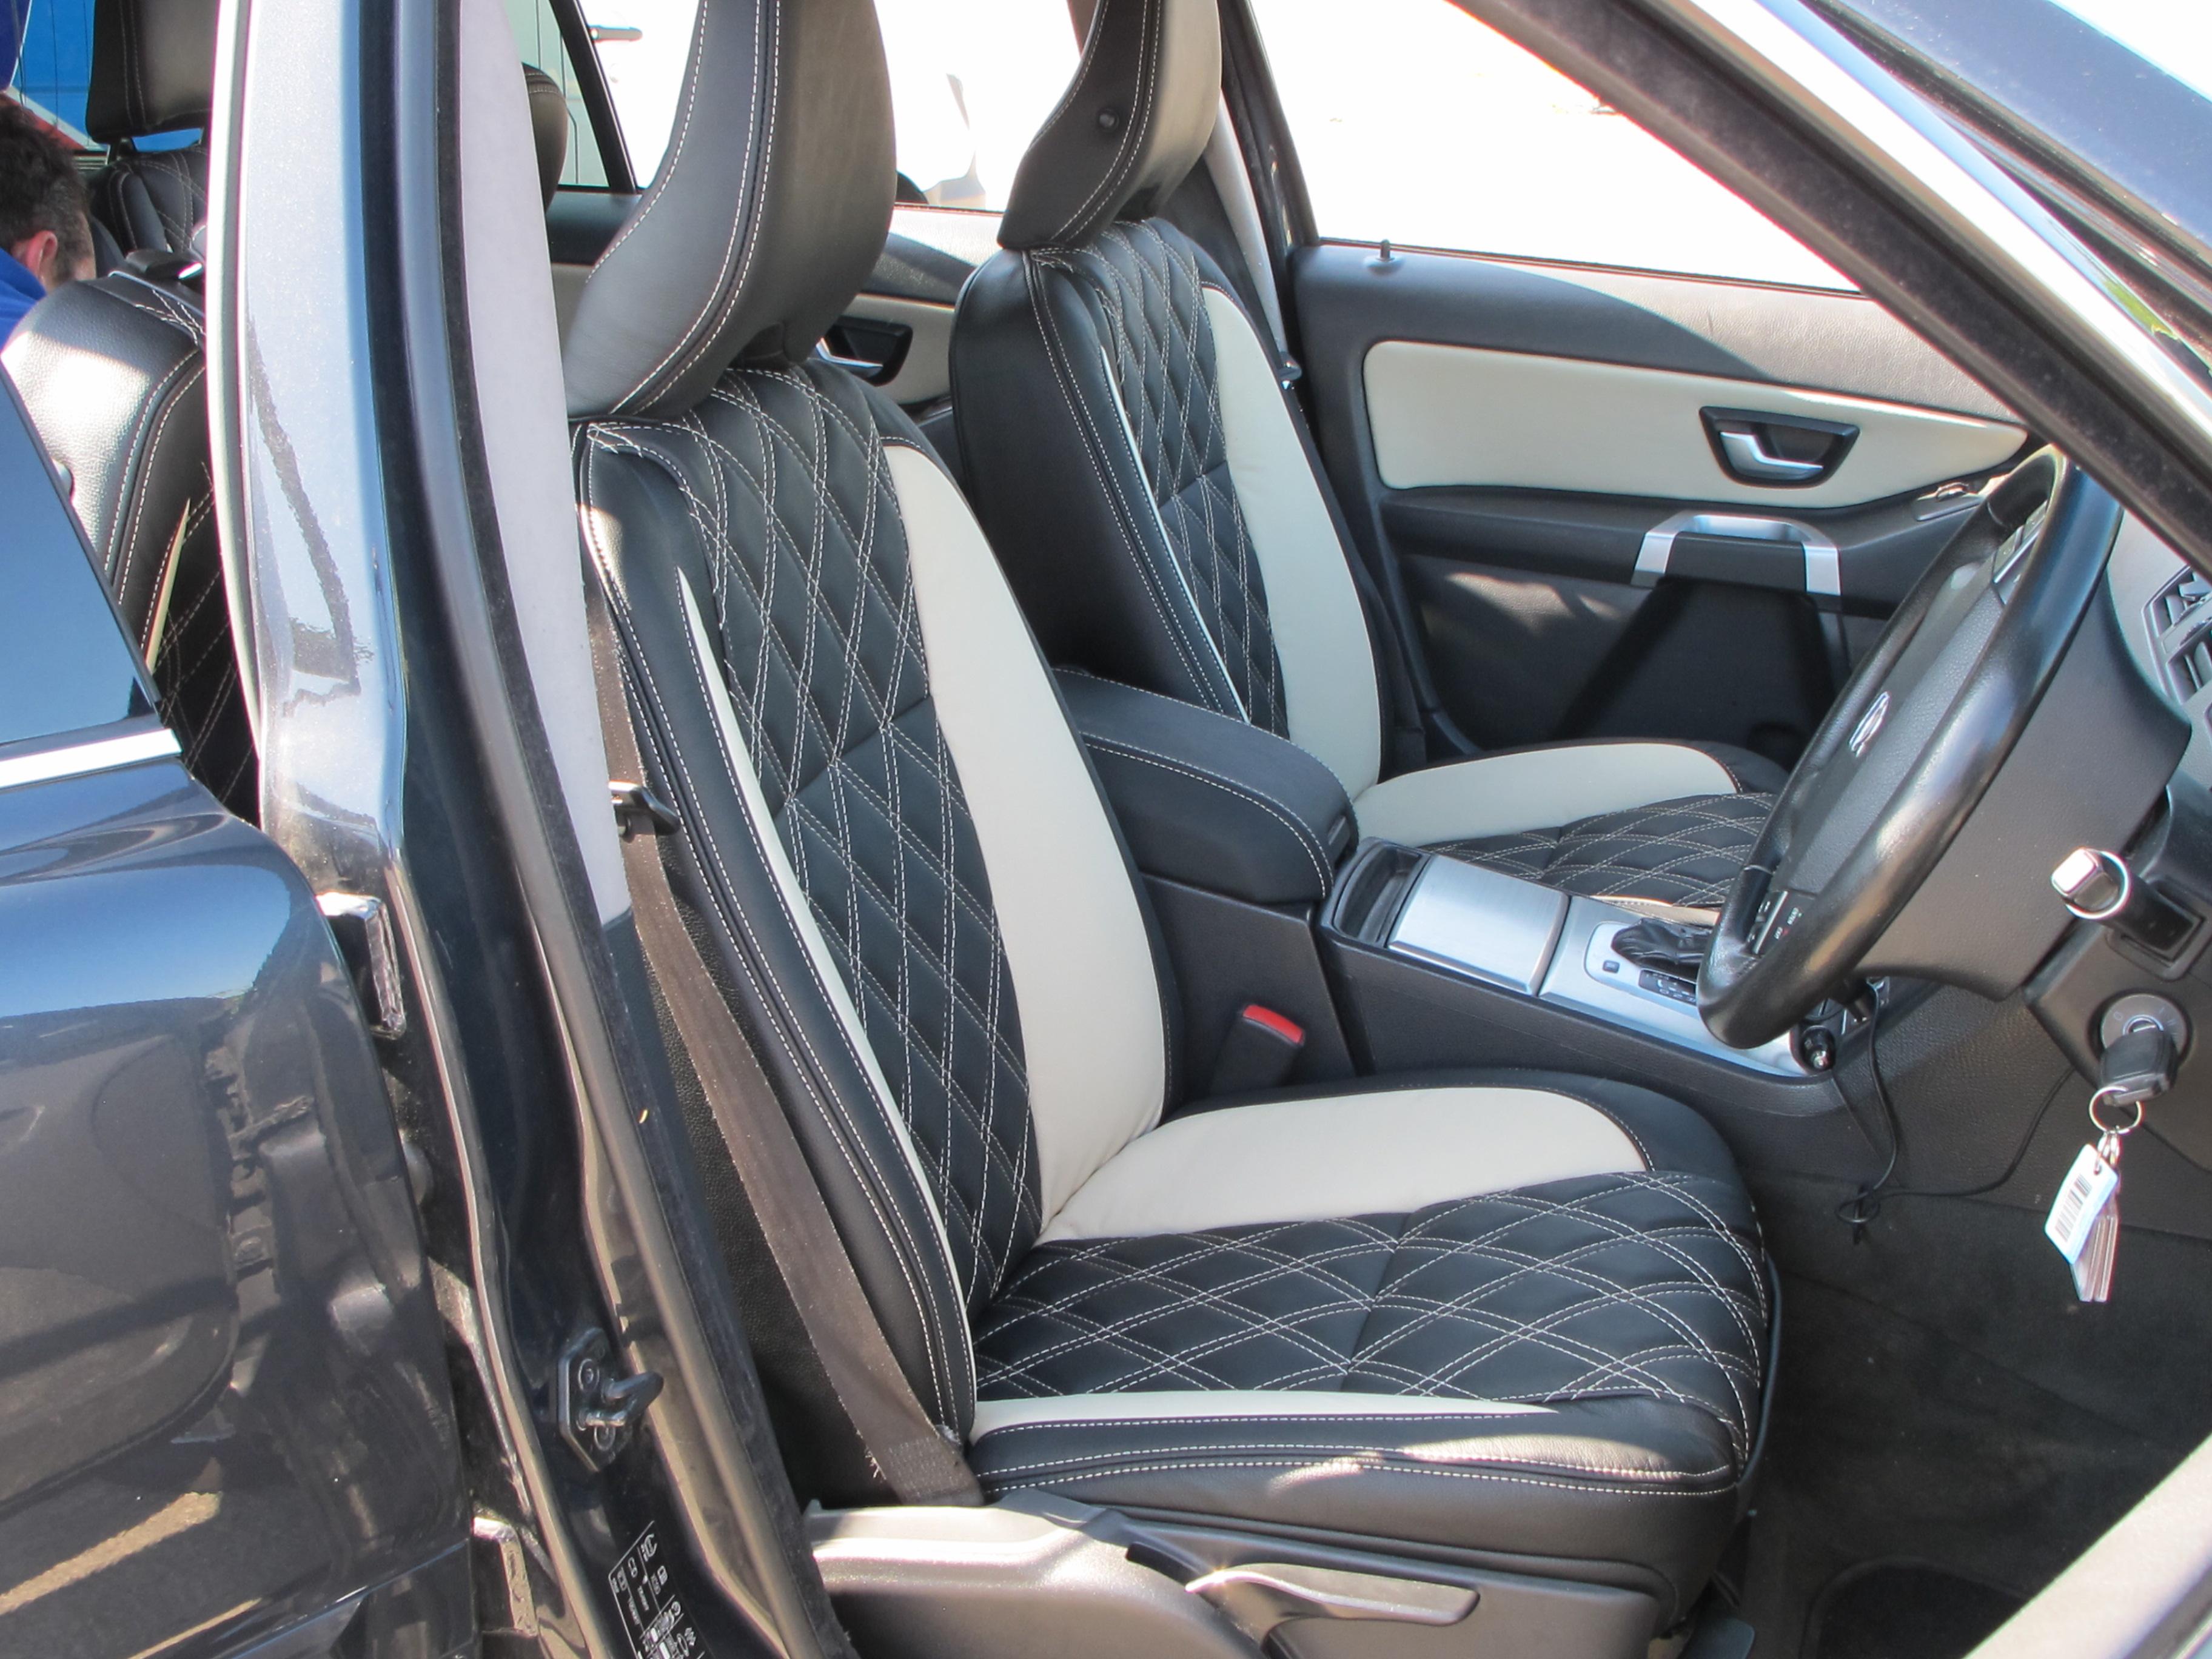 Volvo Xc90 Seat Surgeons